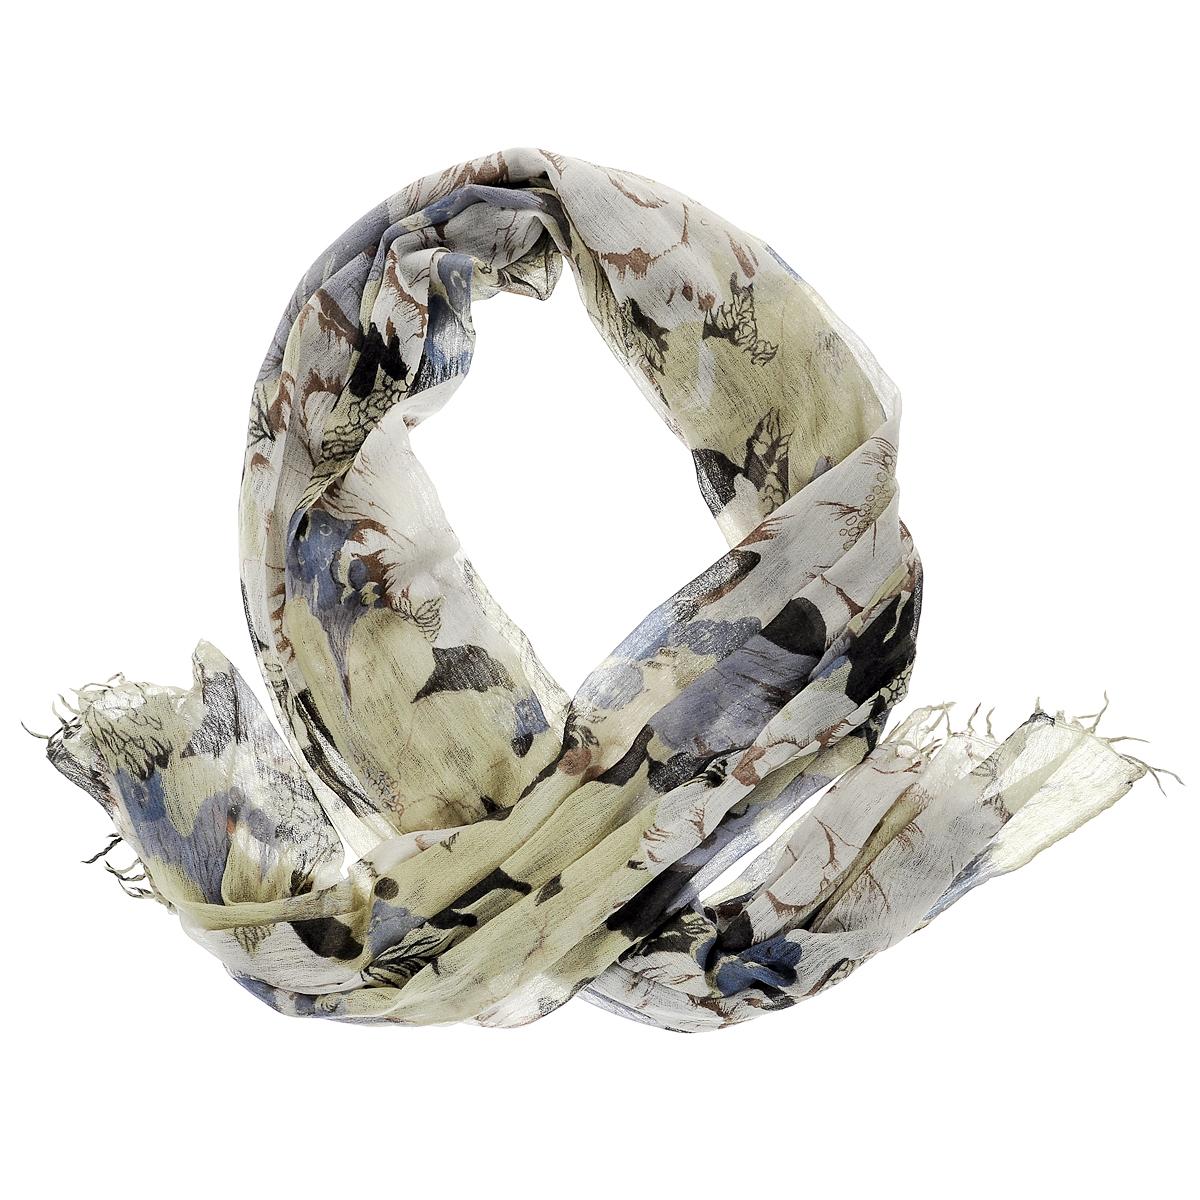 Палантин. W-HIBISCUSW-HIBISCUS/BEСтильный палантин Michel Katana согреет в холодное время года, а также станет изысканным аксессуаром, который призван подчеркнуть вашу индивидуальность и стиль. Палантин выполнен из шерсти и декорирован цветочным орнаментом. По краям изделие оформлено кистями.